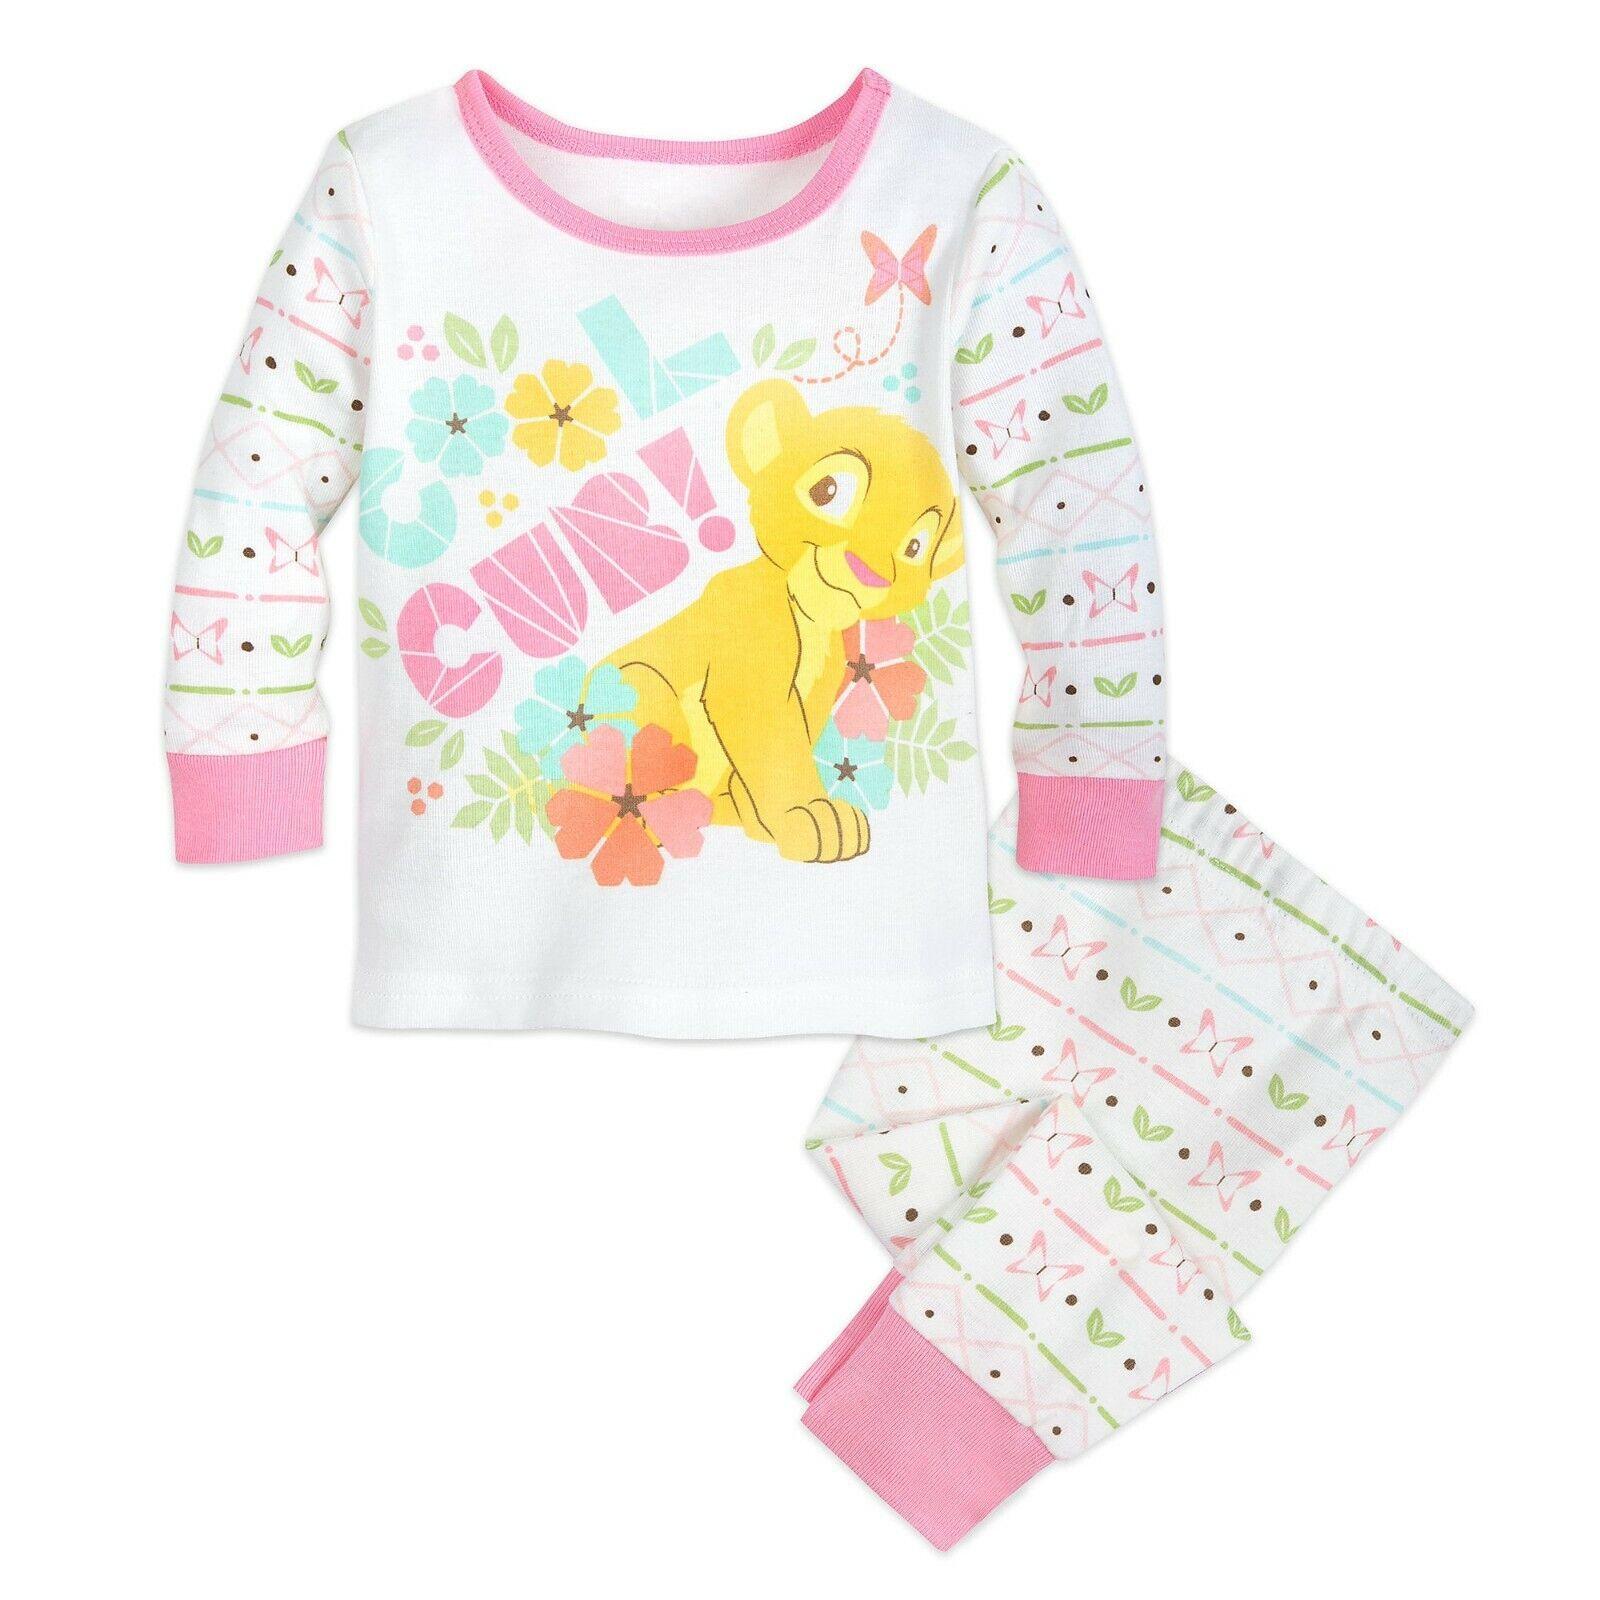 Disney Authentic The Lion King Nala PJ PALS Pajamas Baby 0 3